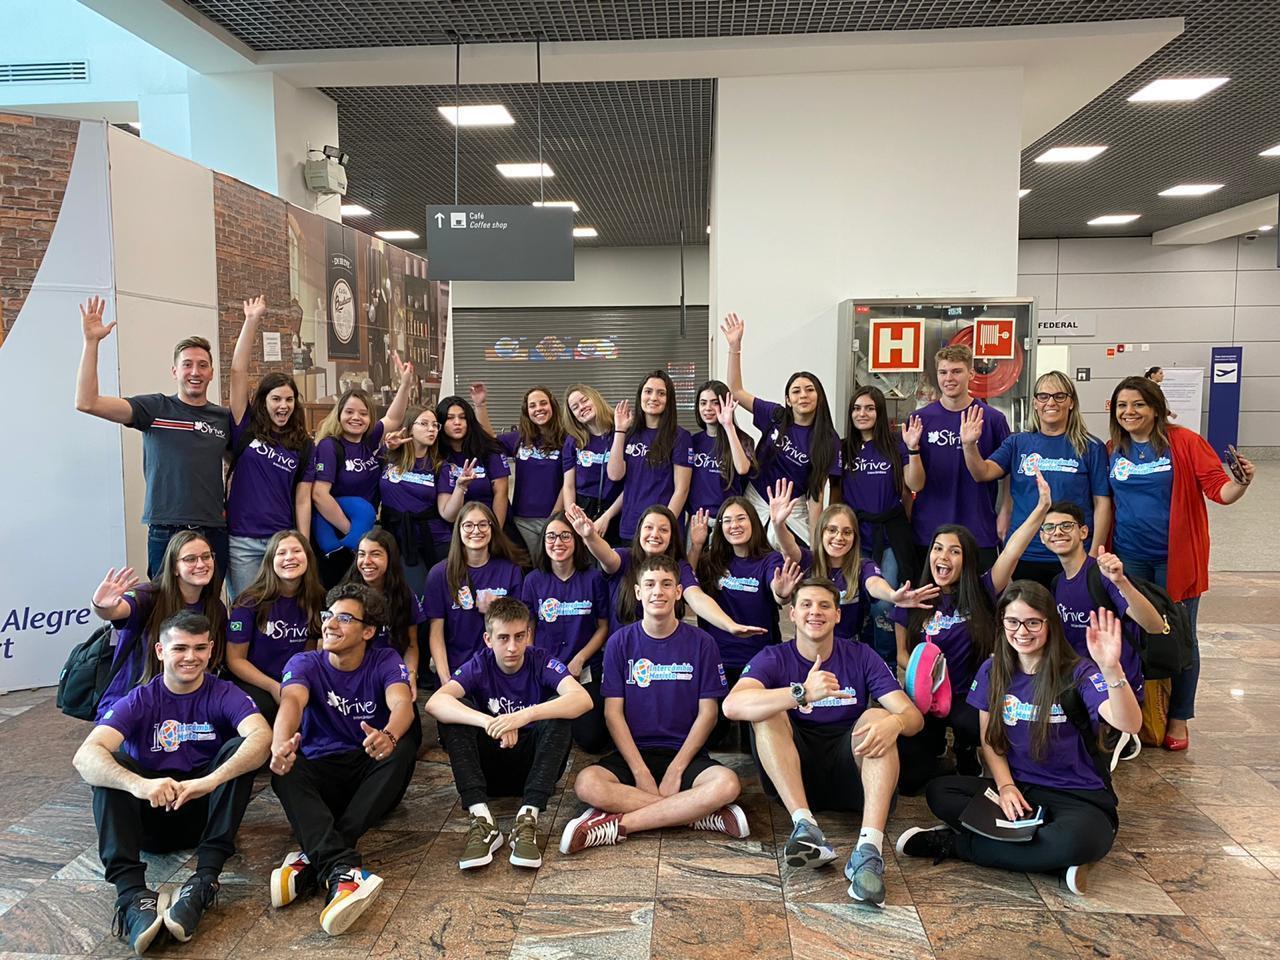 Estudantes bilíngues conhecem a Austrália na última semana de intercâmbio